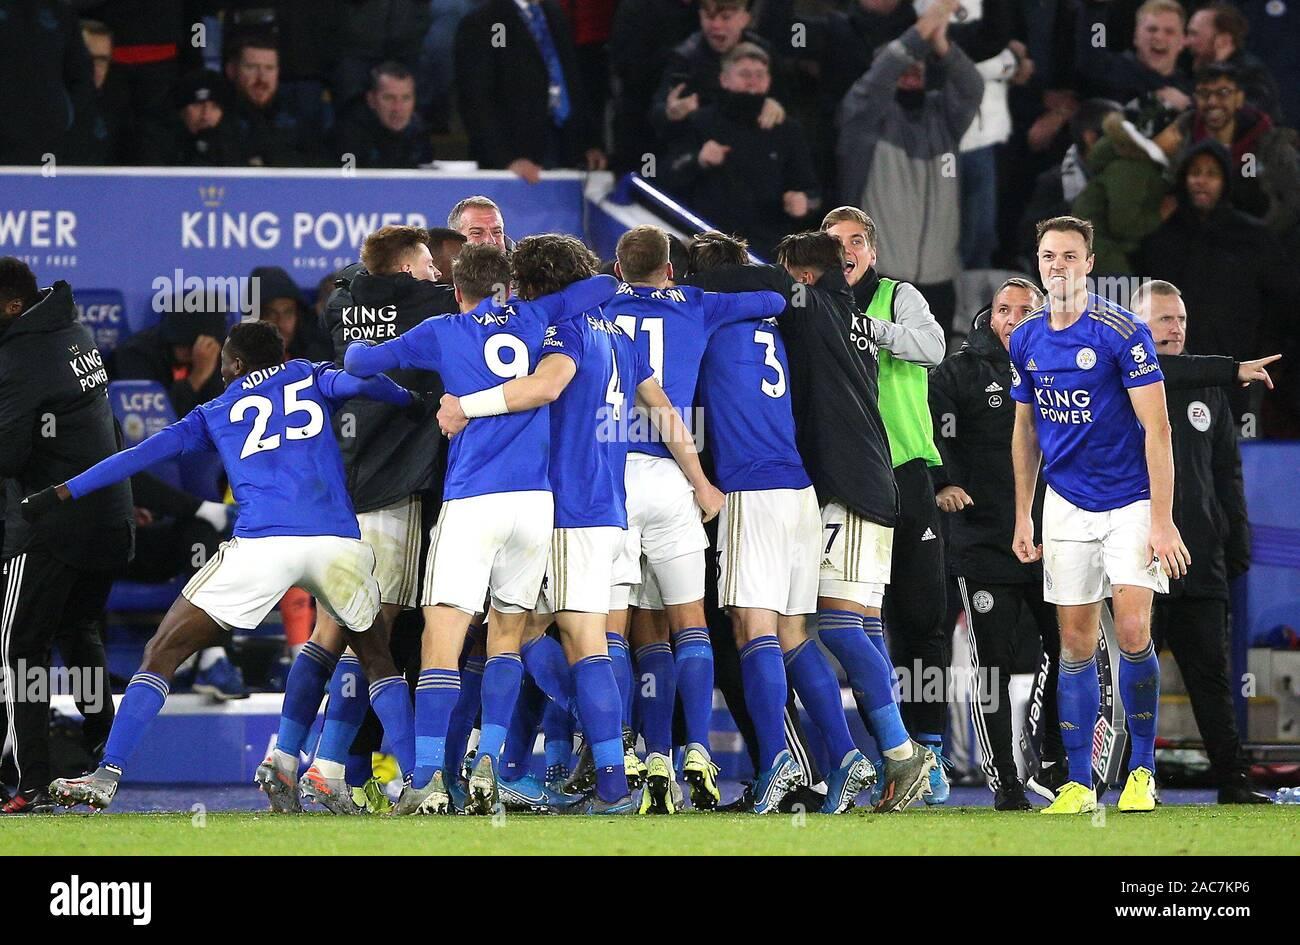 El Leicester City jugadores celebrar la victoria después del pitido final durante el primer encuentro de Liga en el estadio King Power, Leicester. Foto de stock